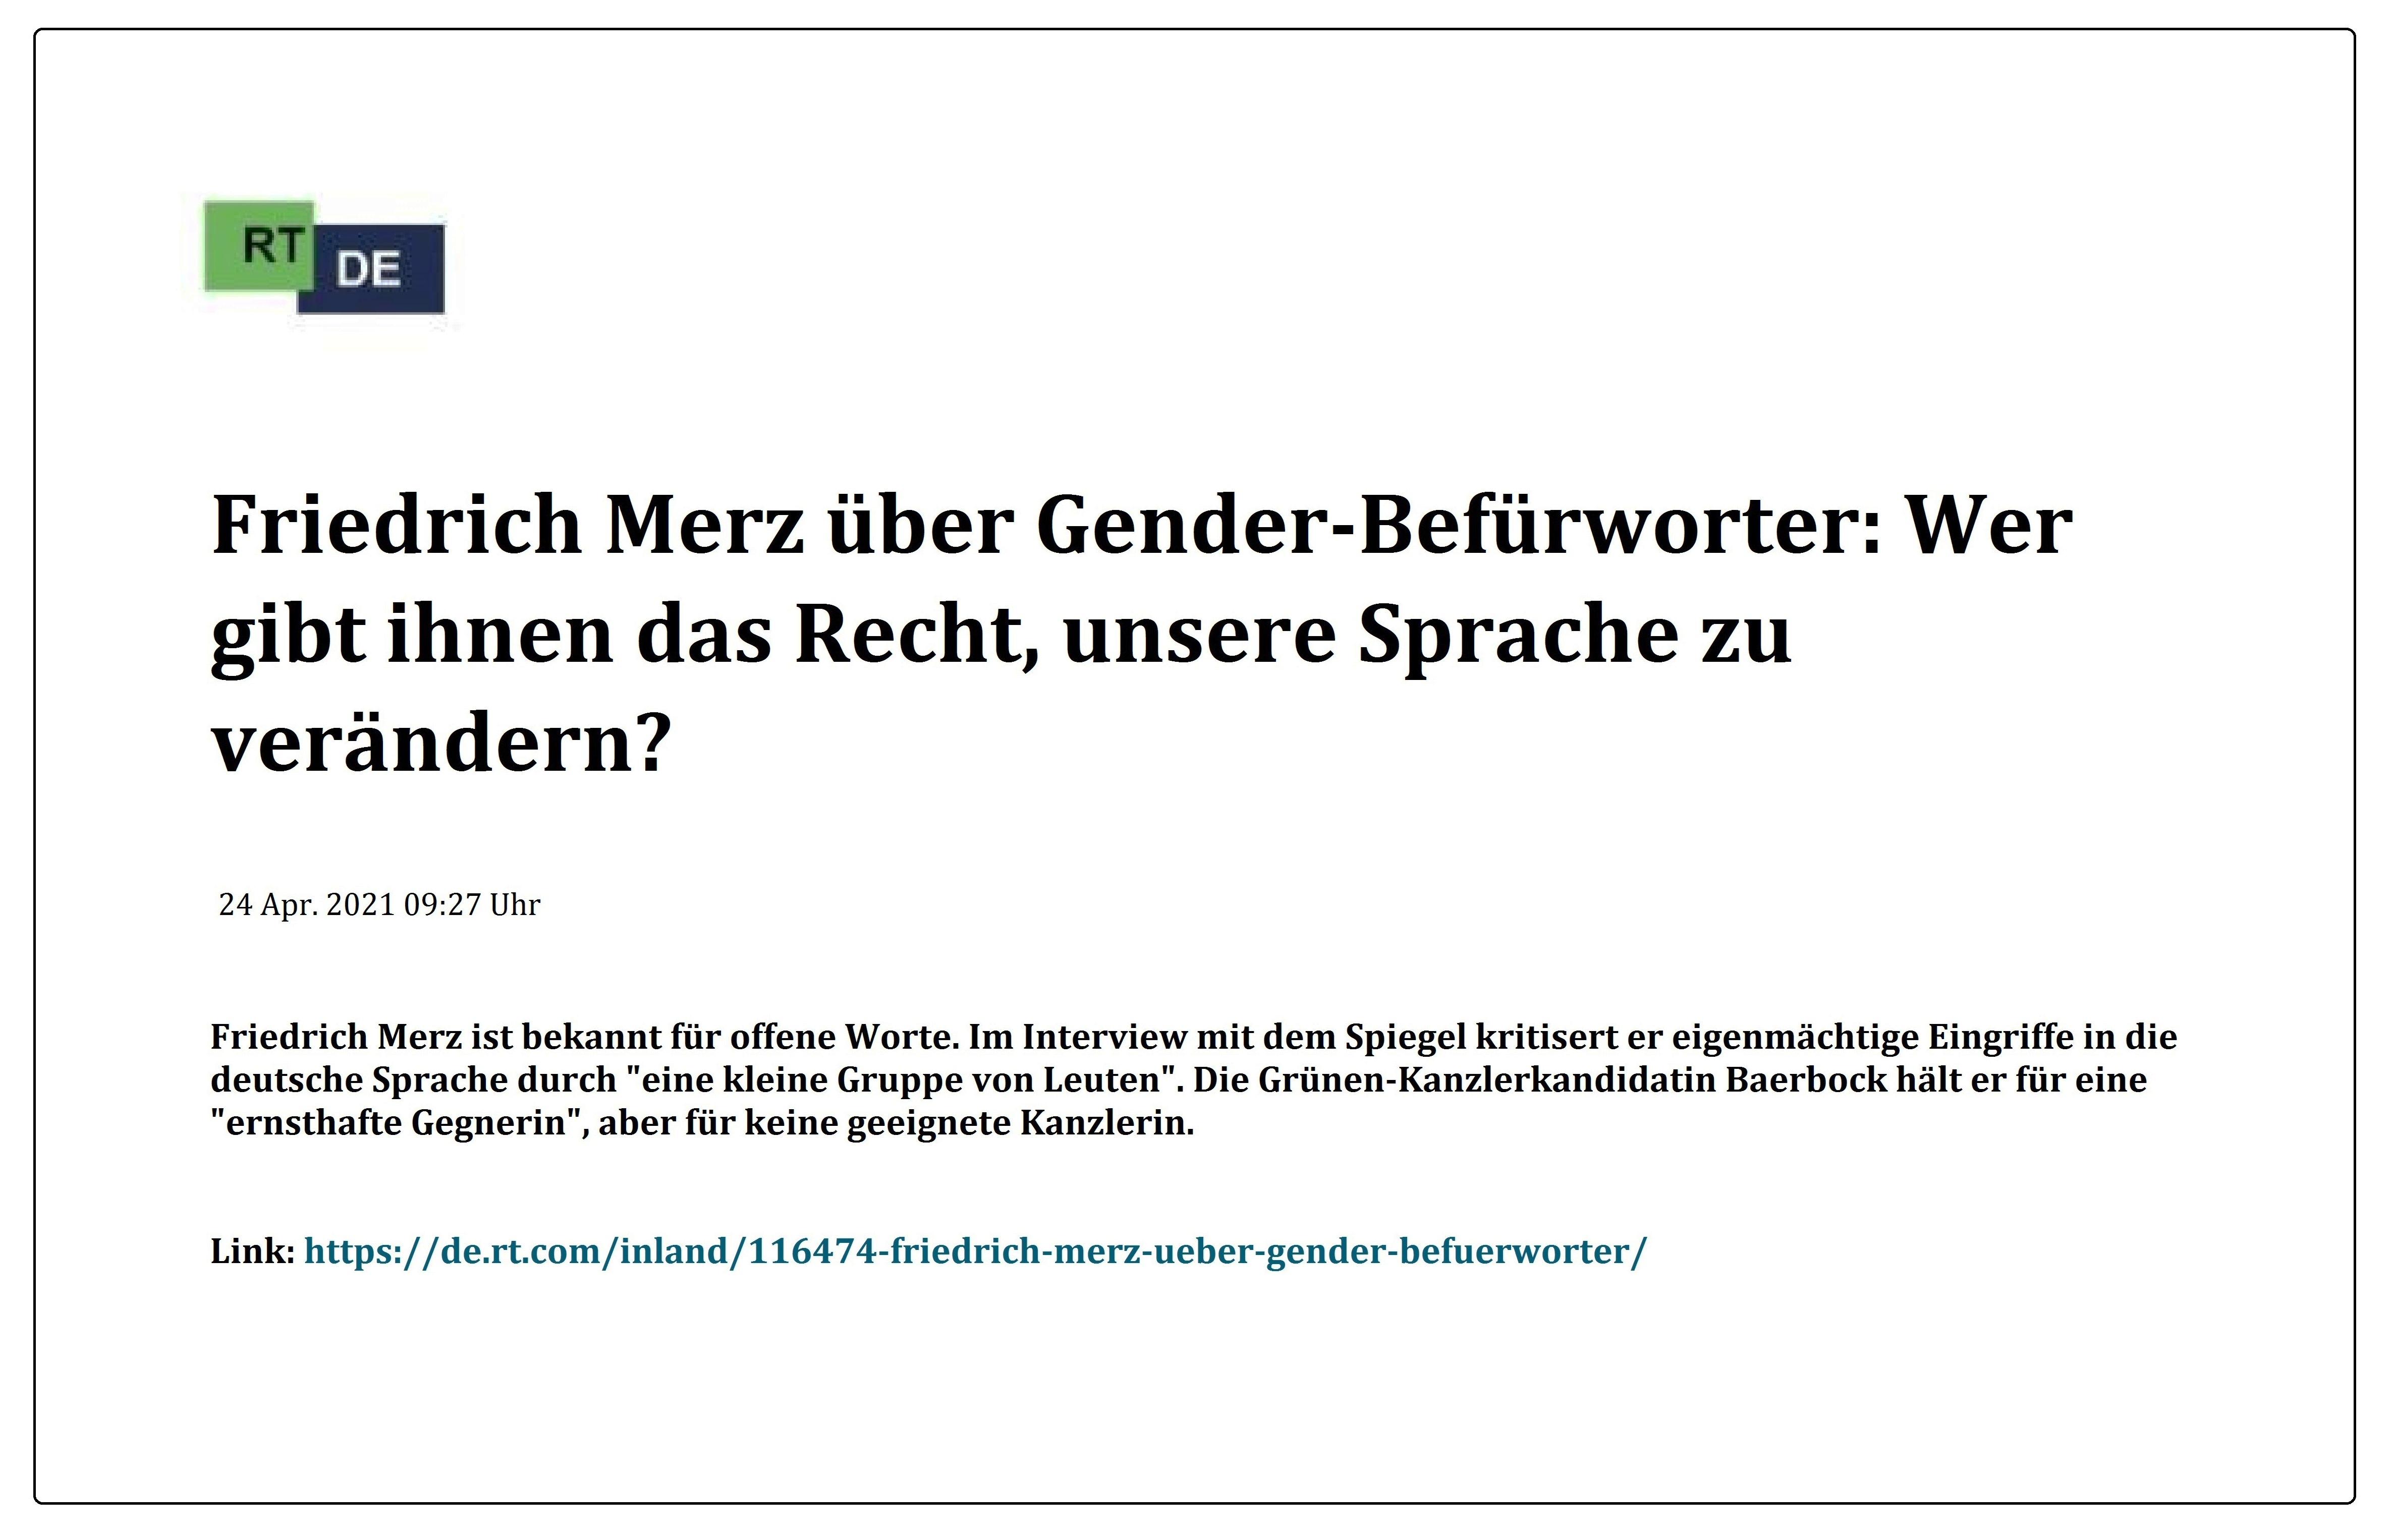 Friedrich Merz über Gender-Befürworter: Wer gibt ihnen das Recht, unsere Sprache zu verändern? -  RT DE -  24 Apr. 2021 09:27 Uhr